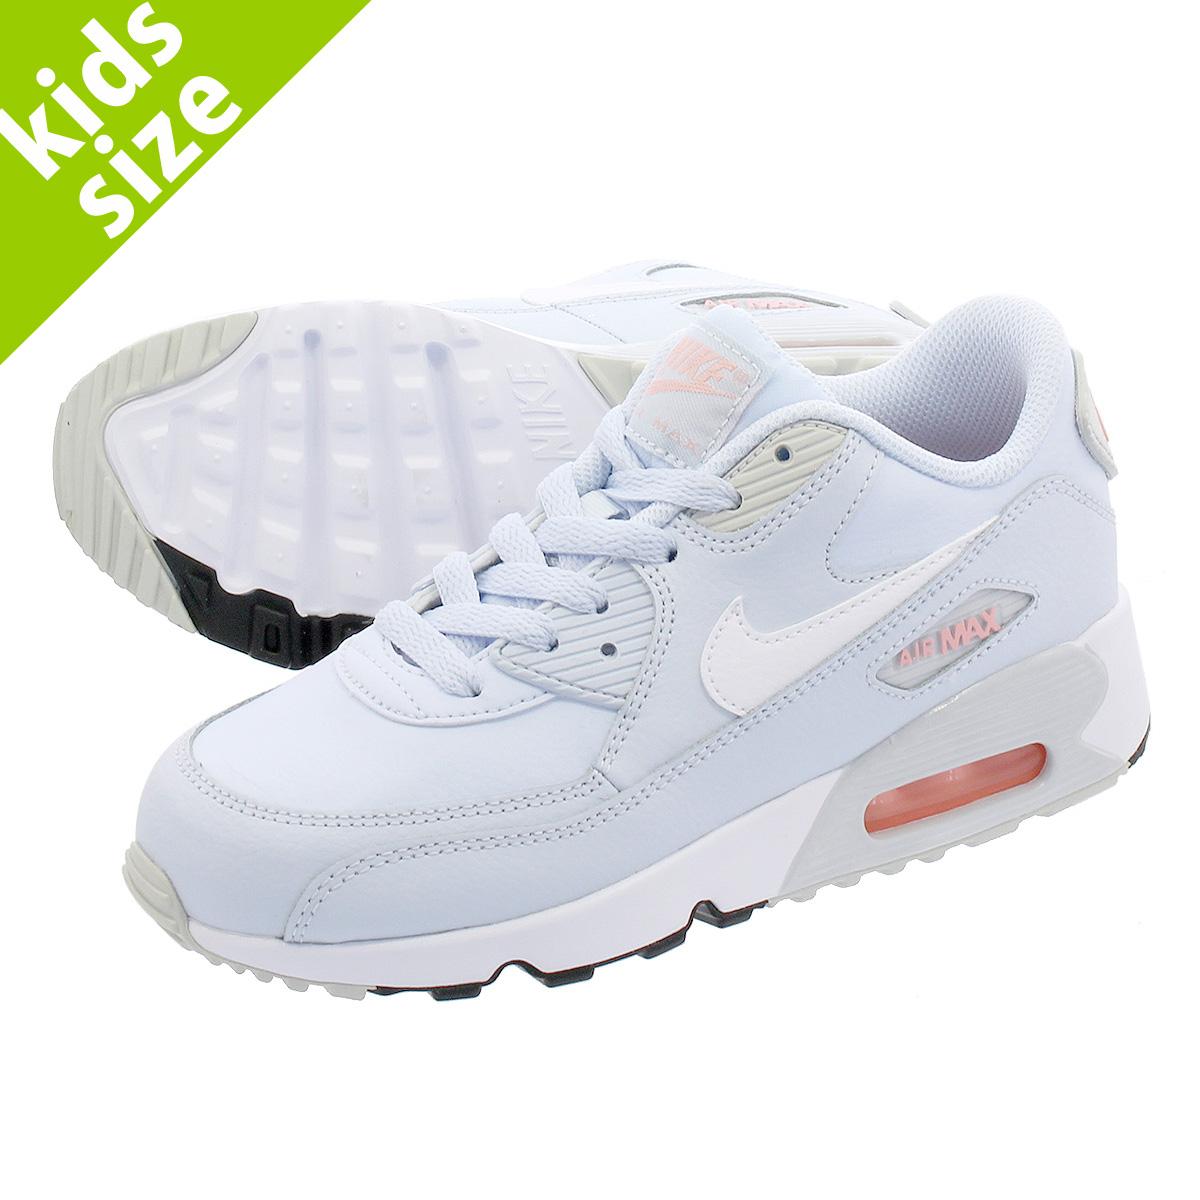 nike clearance code february, Kid sneakers nike air max 90